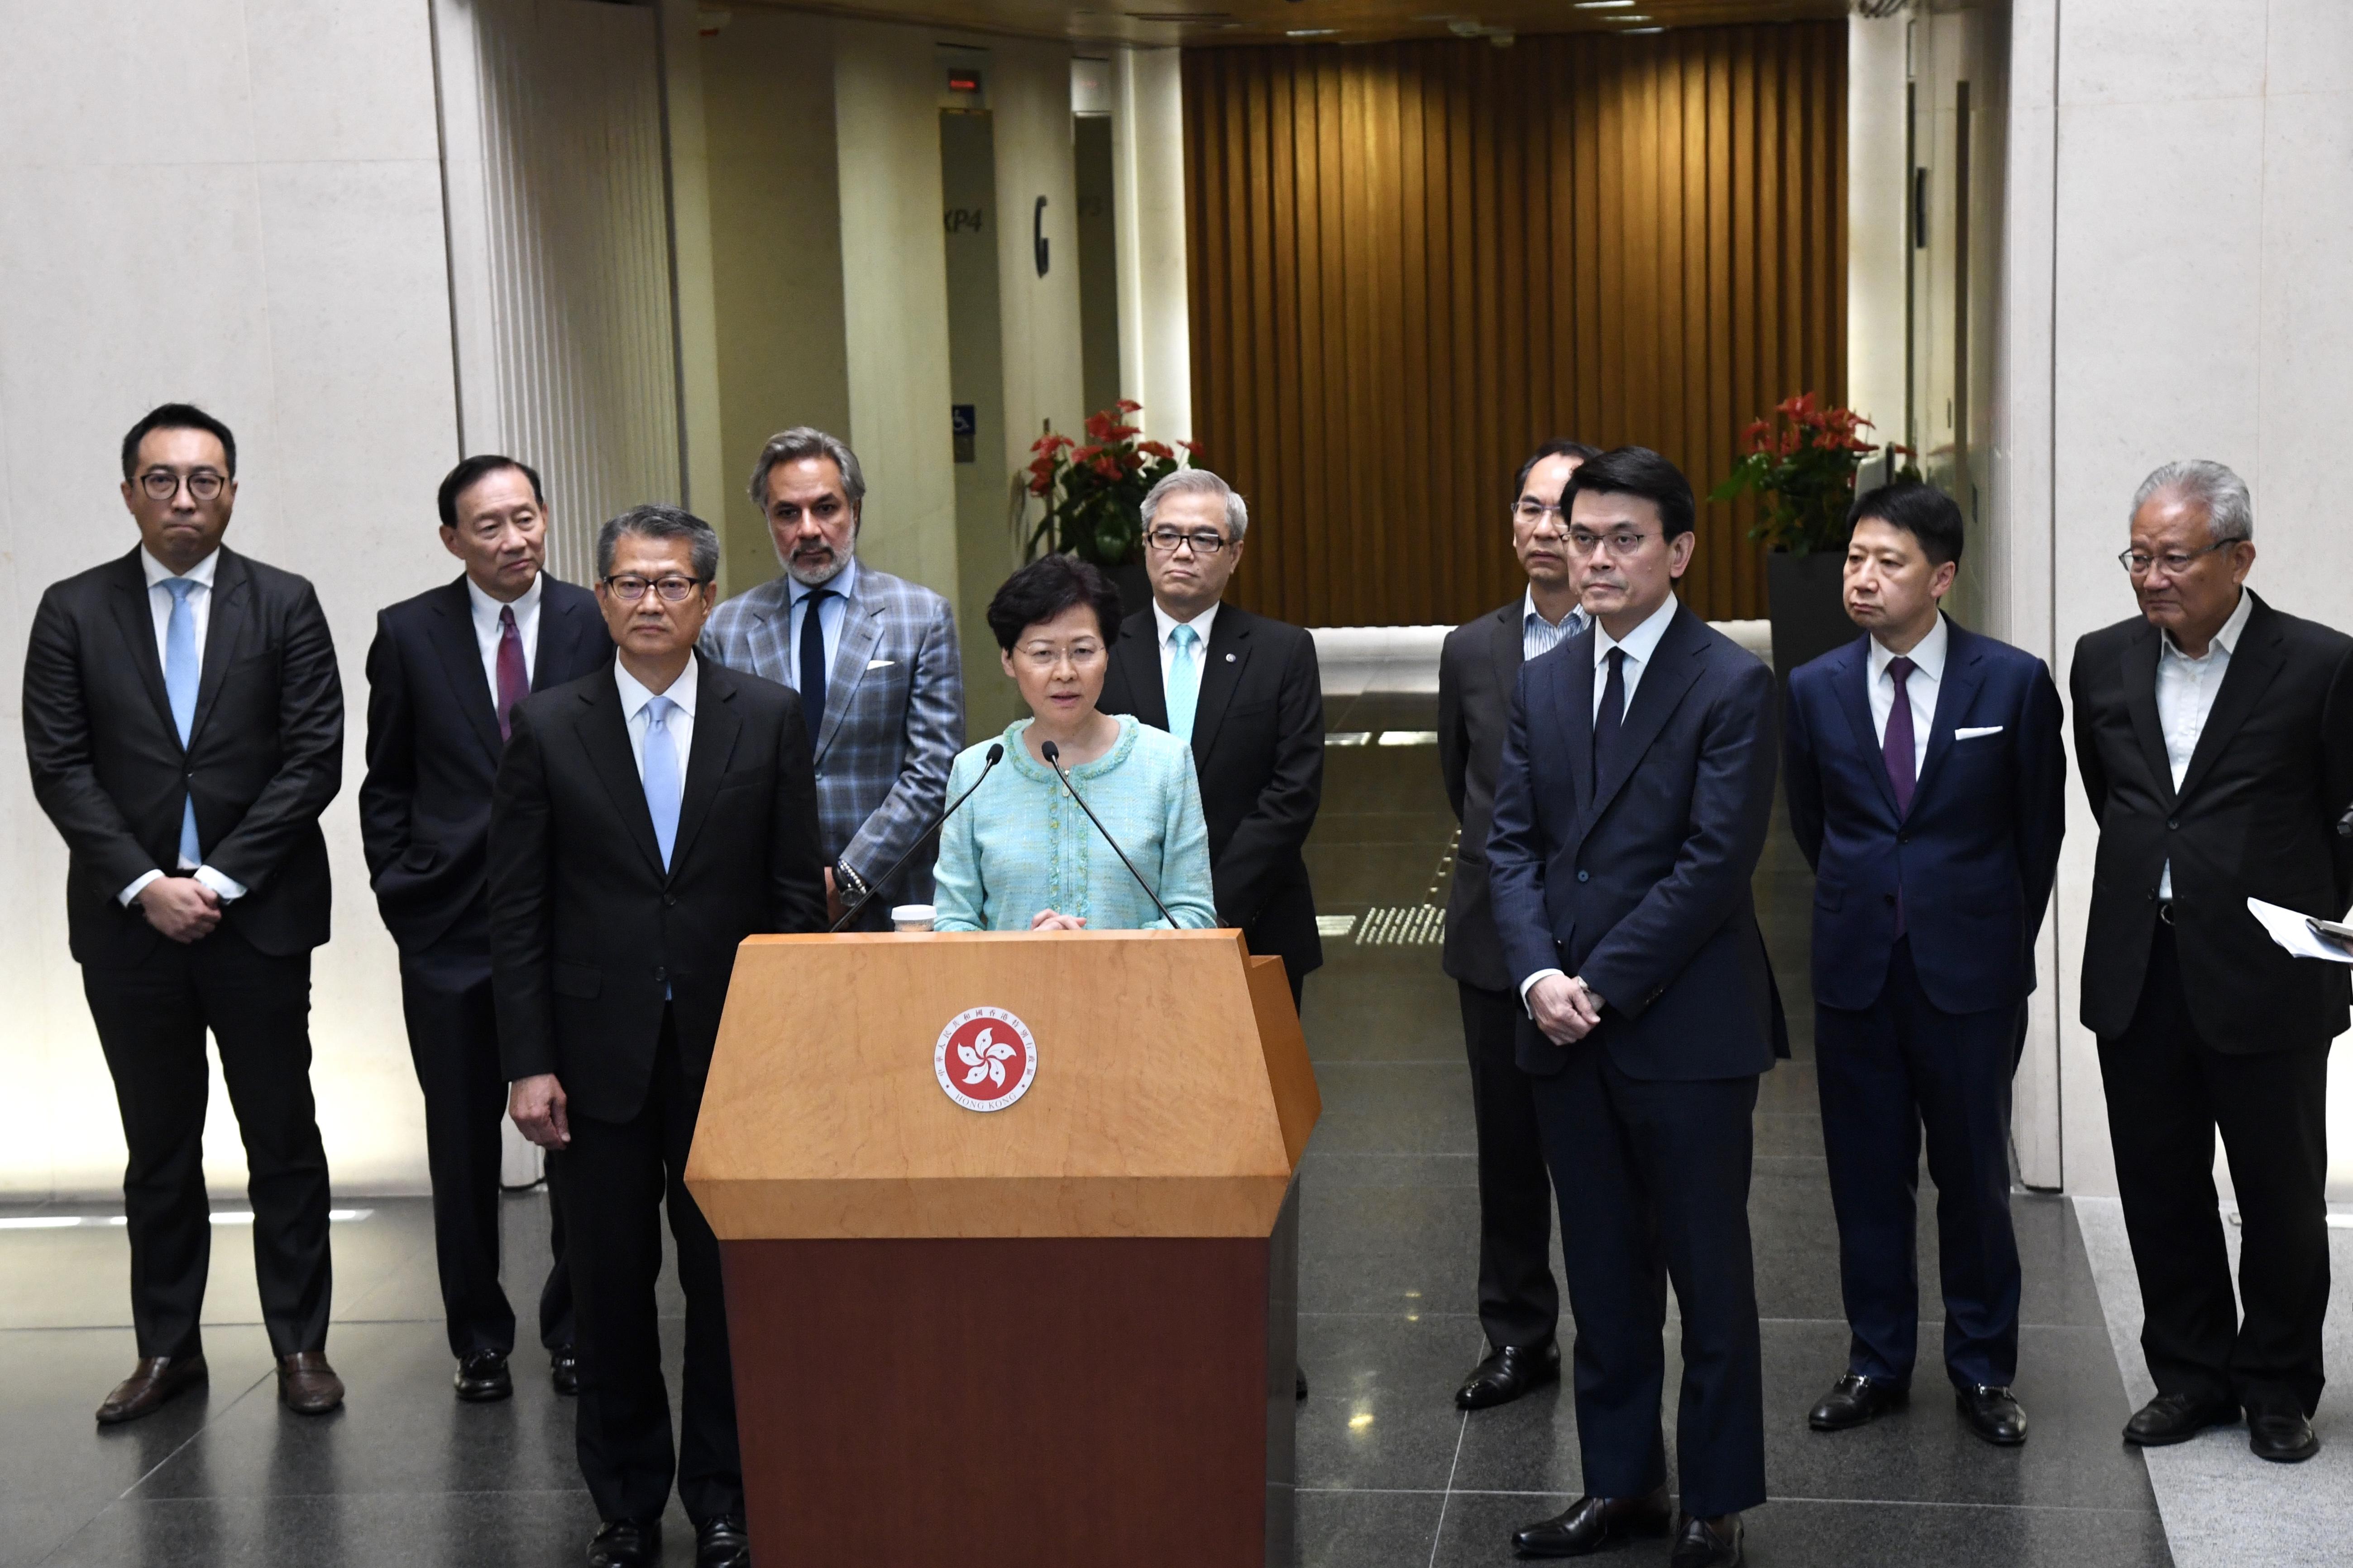 暴力伤及香港经济,林郑:情况比金融危机、非典时更严峻